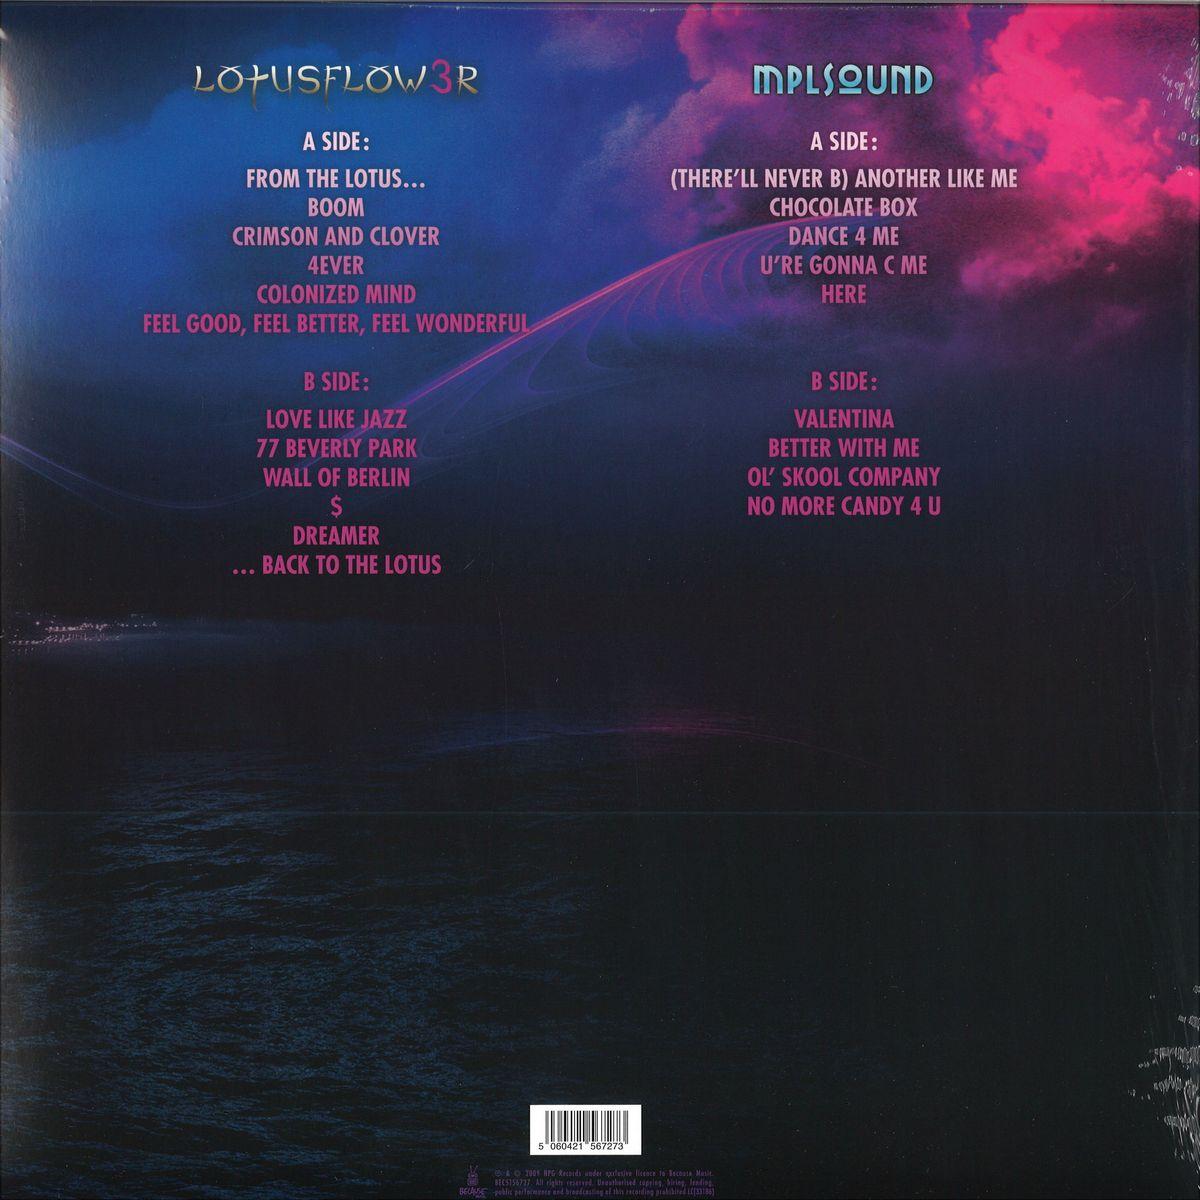 Prince Lotus Flow3r 2017 Edition 2x12 Because Music